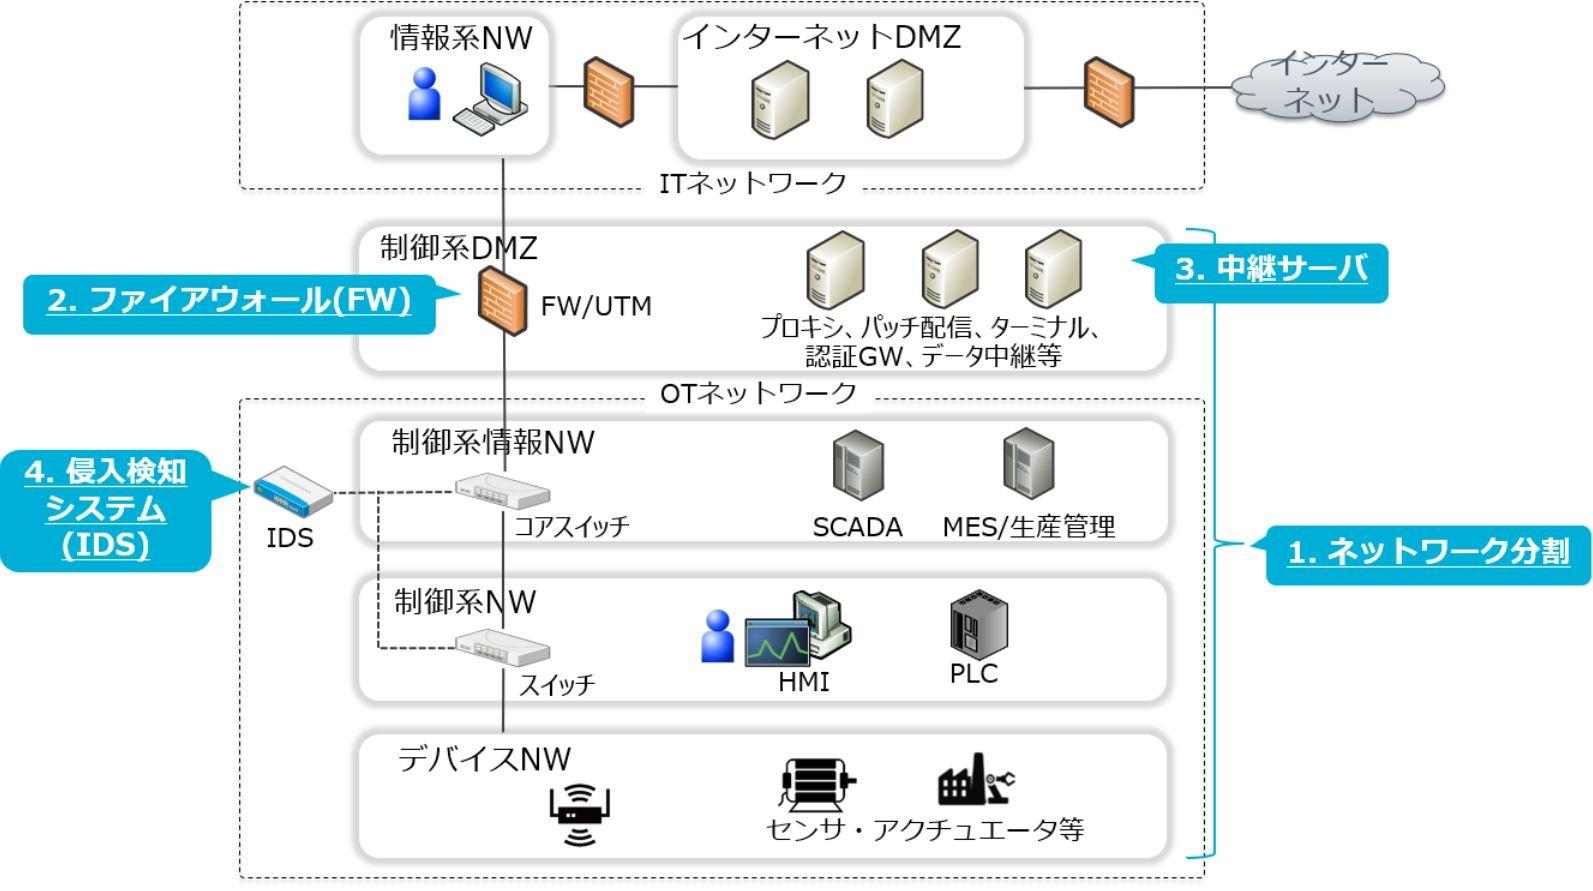 産業用ネットワークにおけるIDSの設置場所